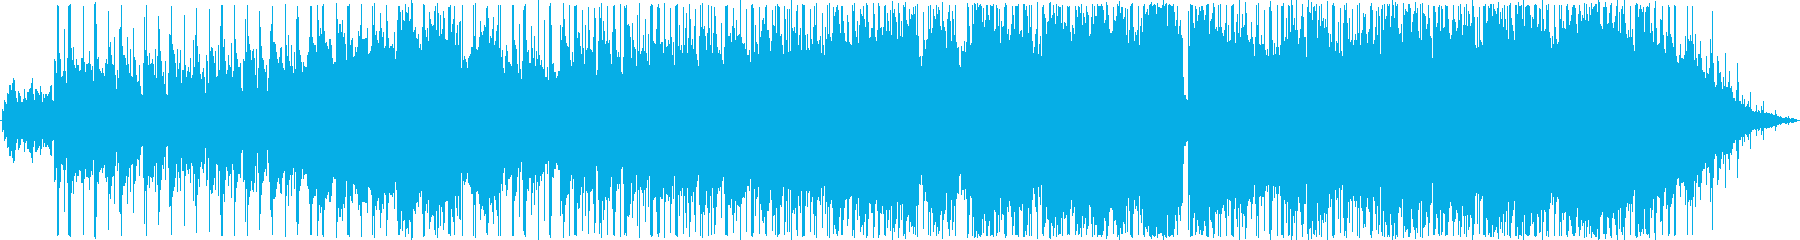 哀愁に満ちたバラード3の再生済みの波形